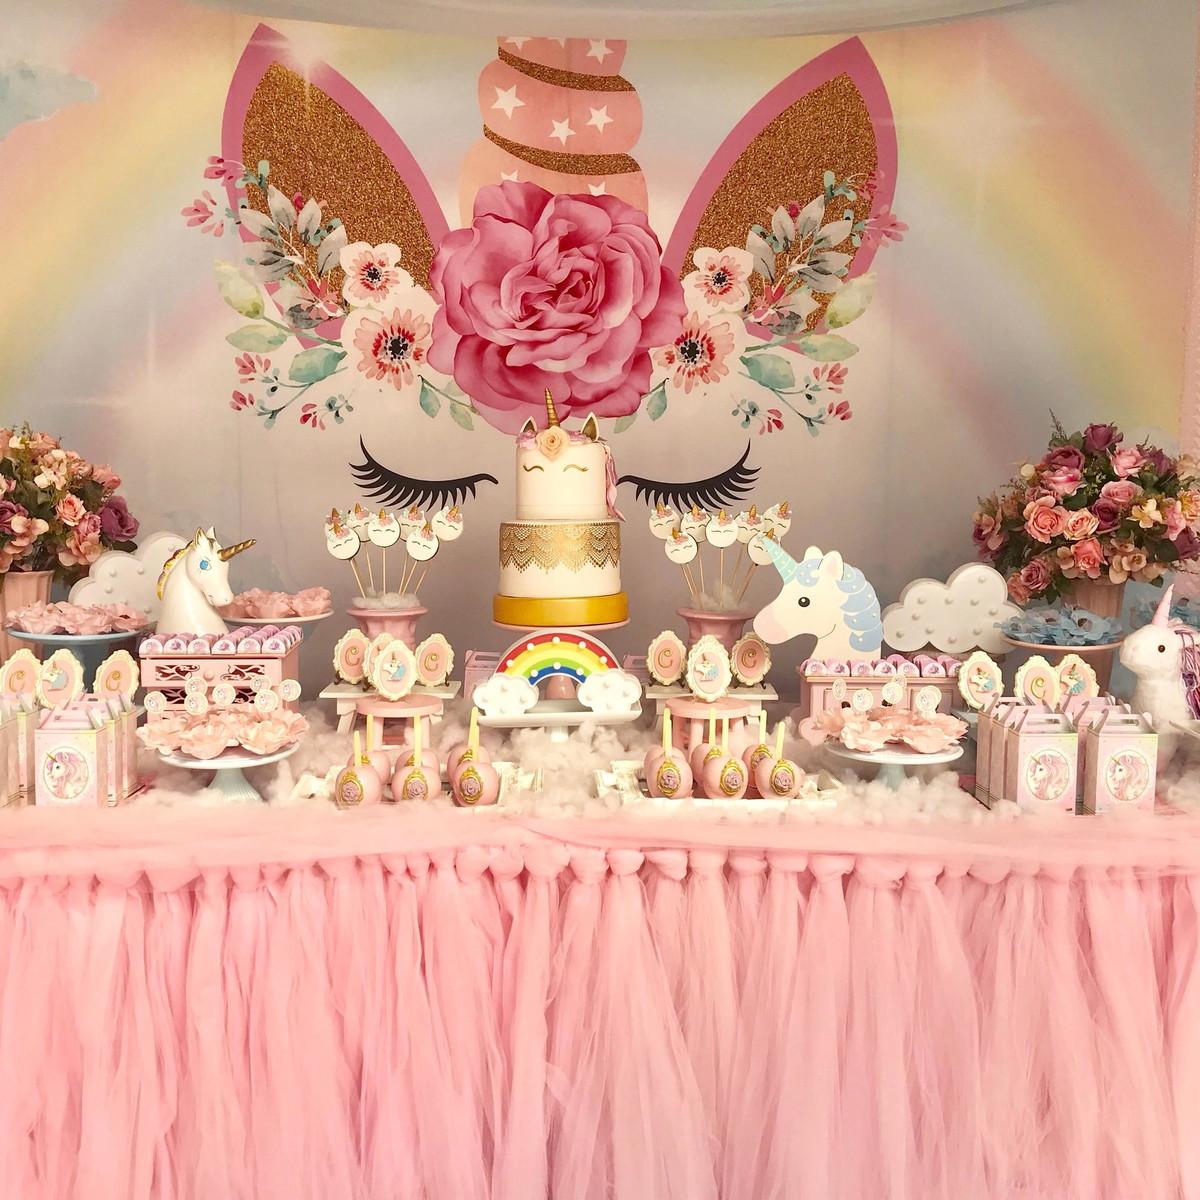 Decoraç u00e3o de Festa Unicórnio Promoç u00e3o p Locaç u00e3o no Elo7 L M Decora Festas (C33EB9) -> Decoração De Unicornio Para Festa